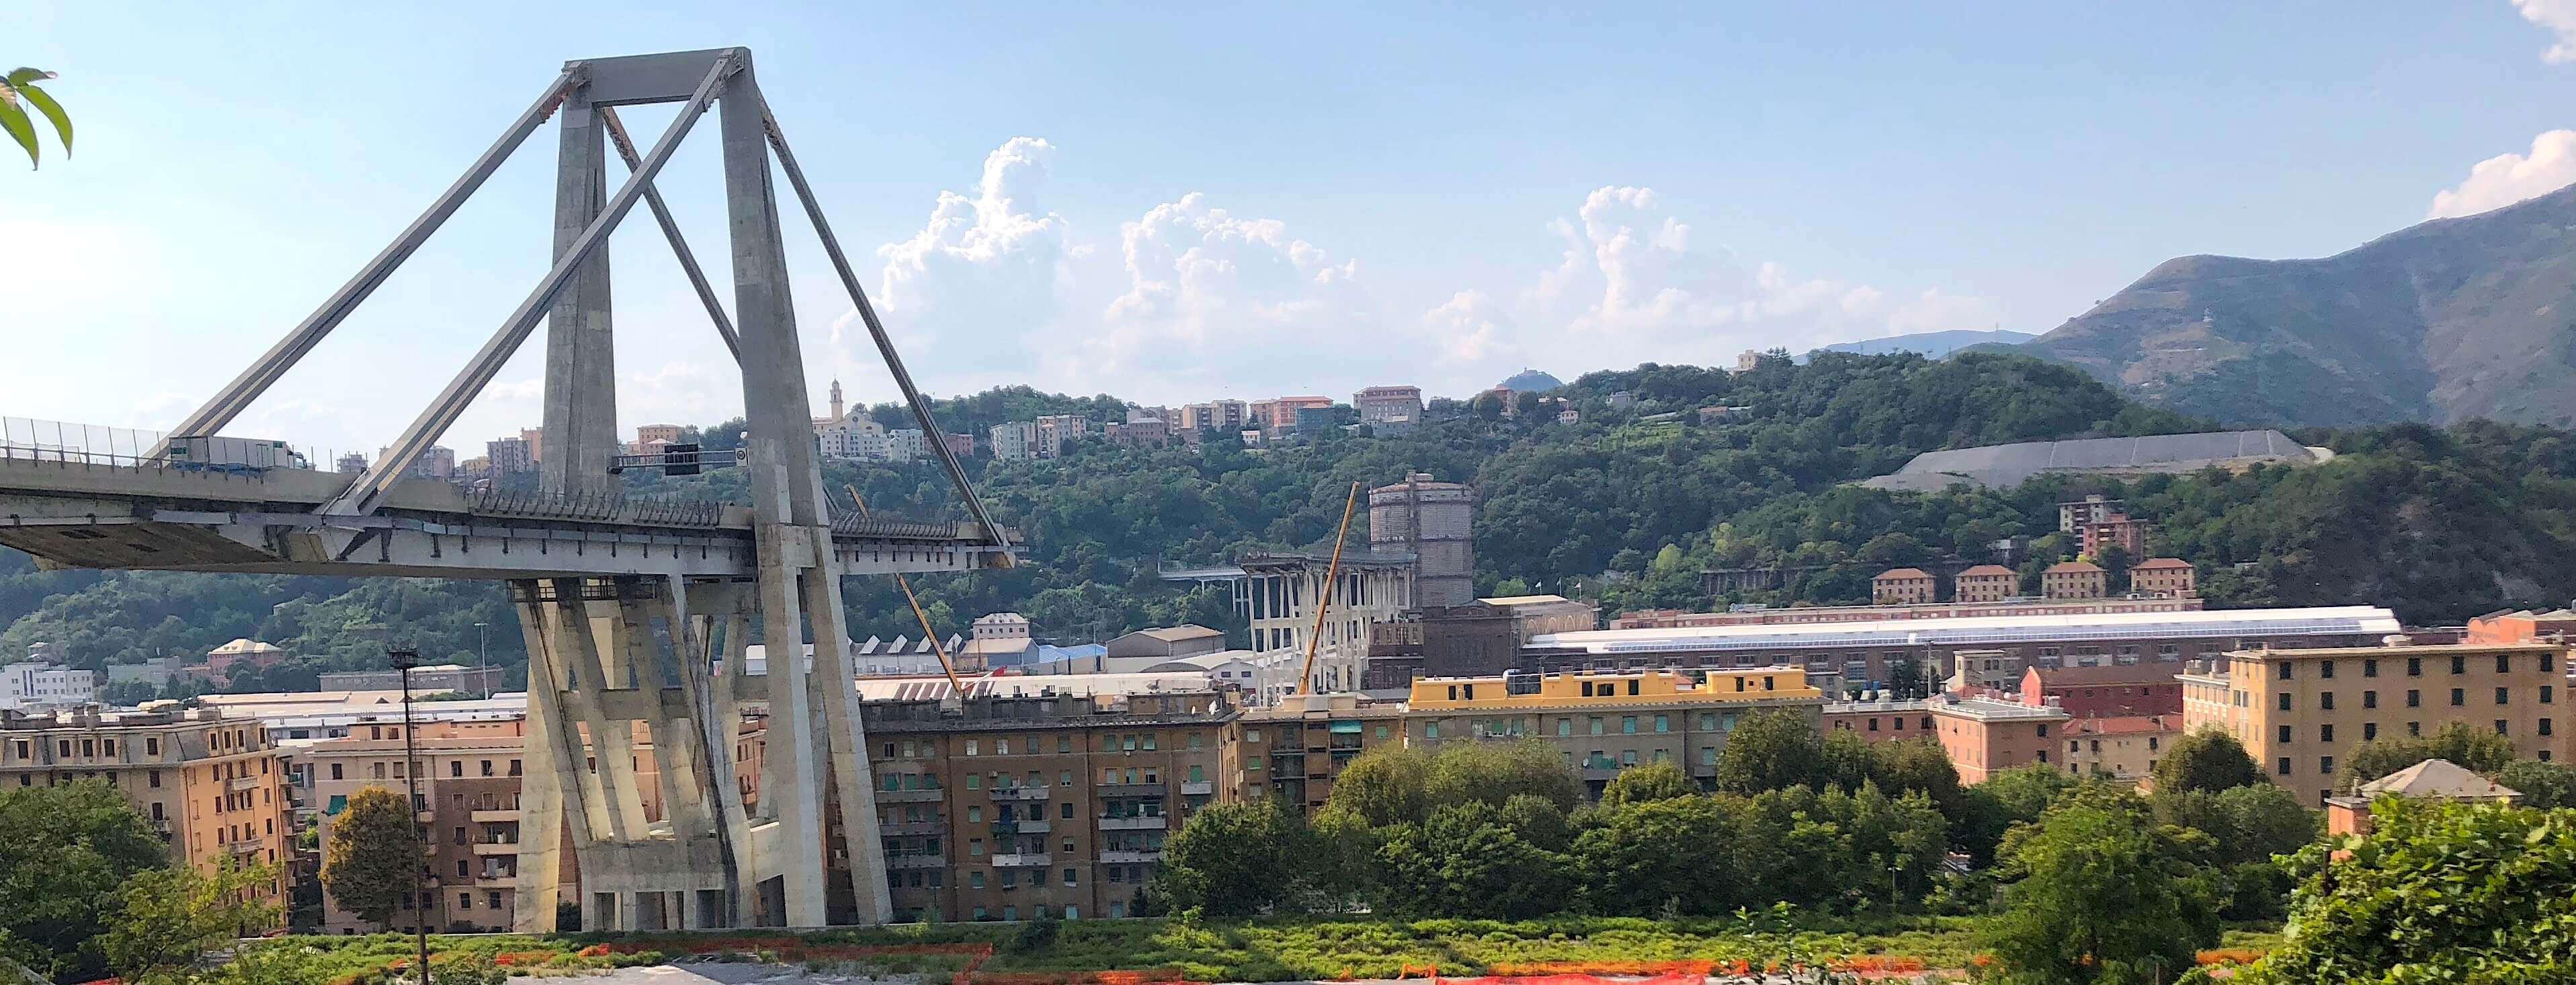 Genua: Morandi-Brücke (Brückeneinsturz)